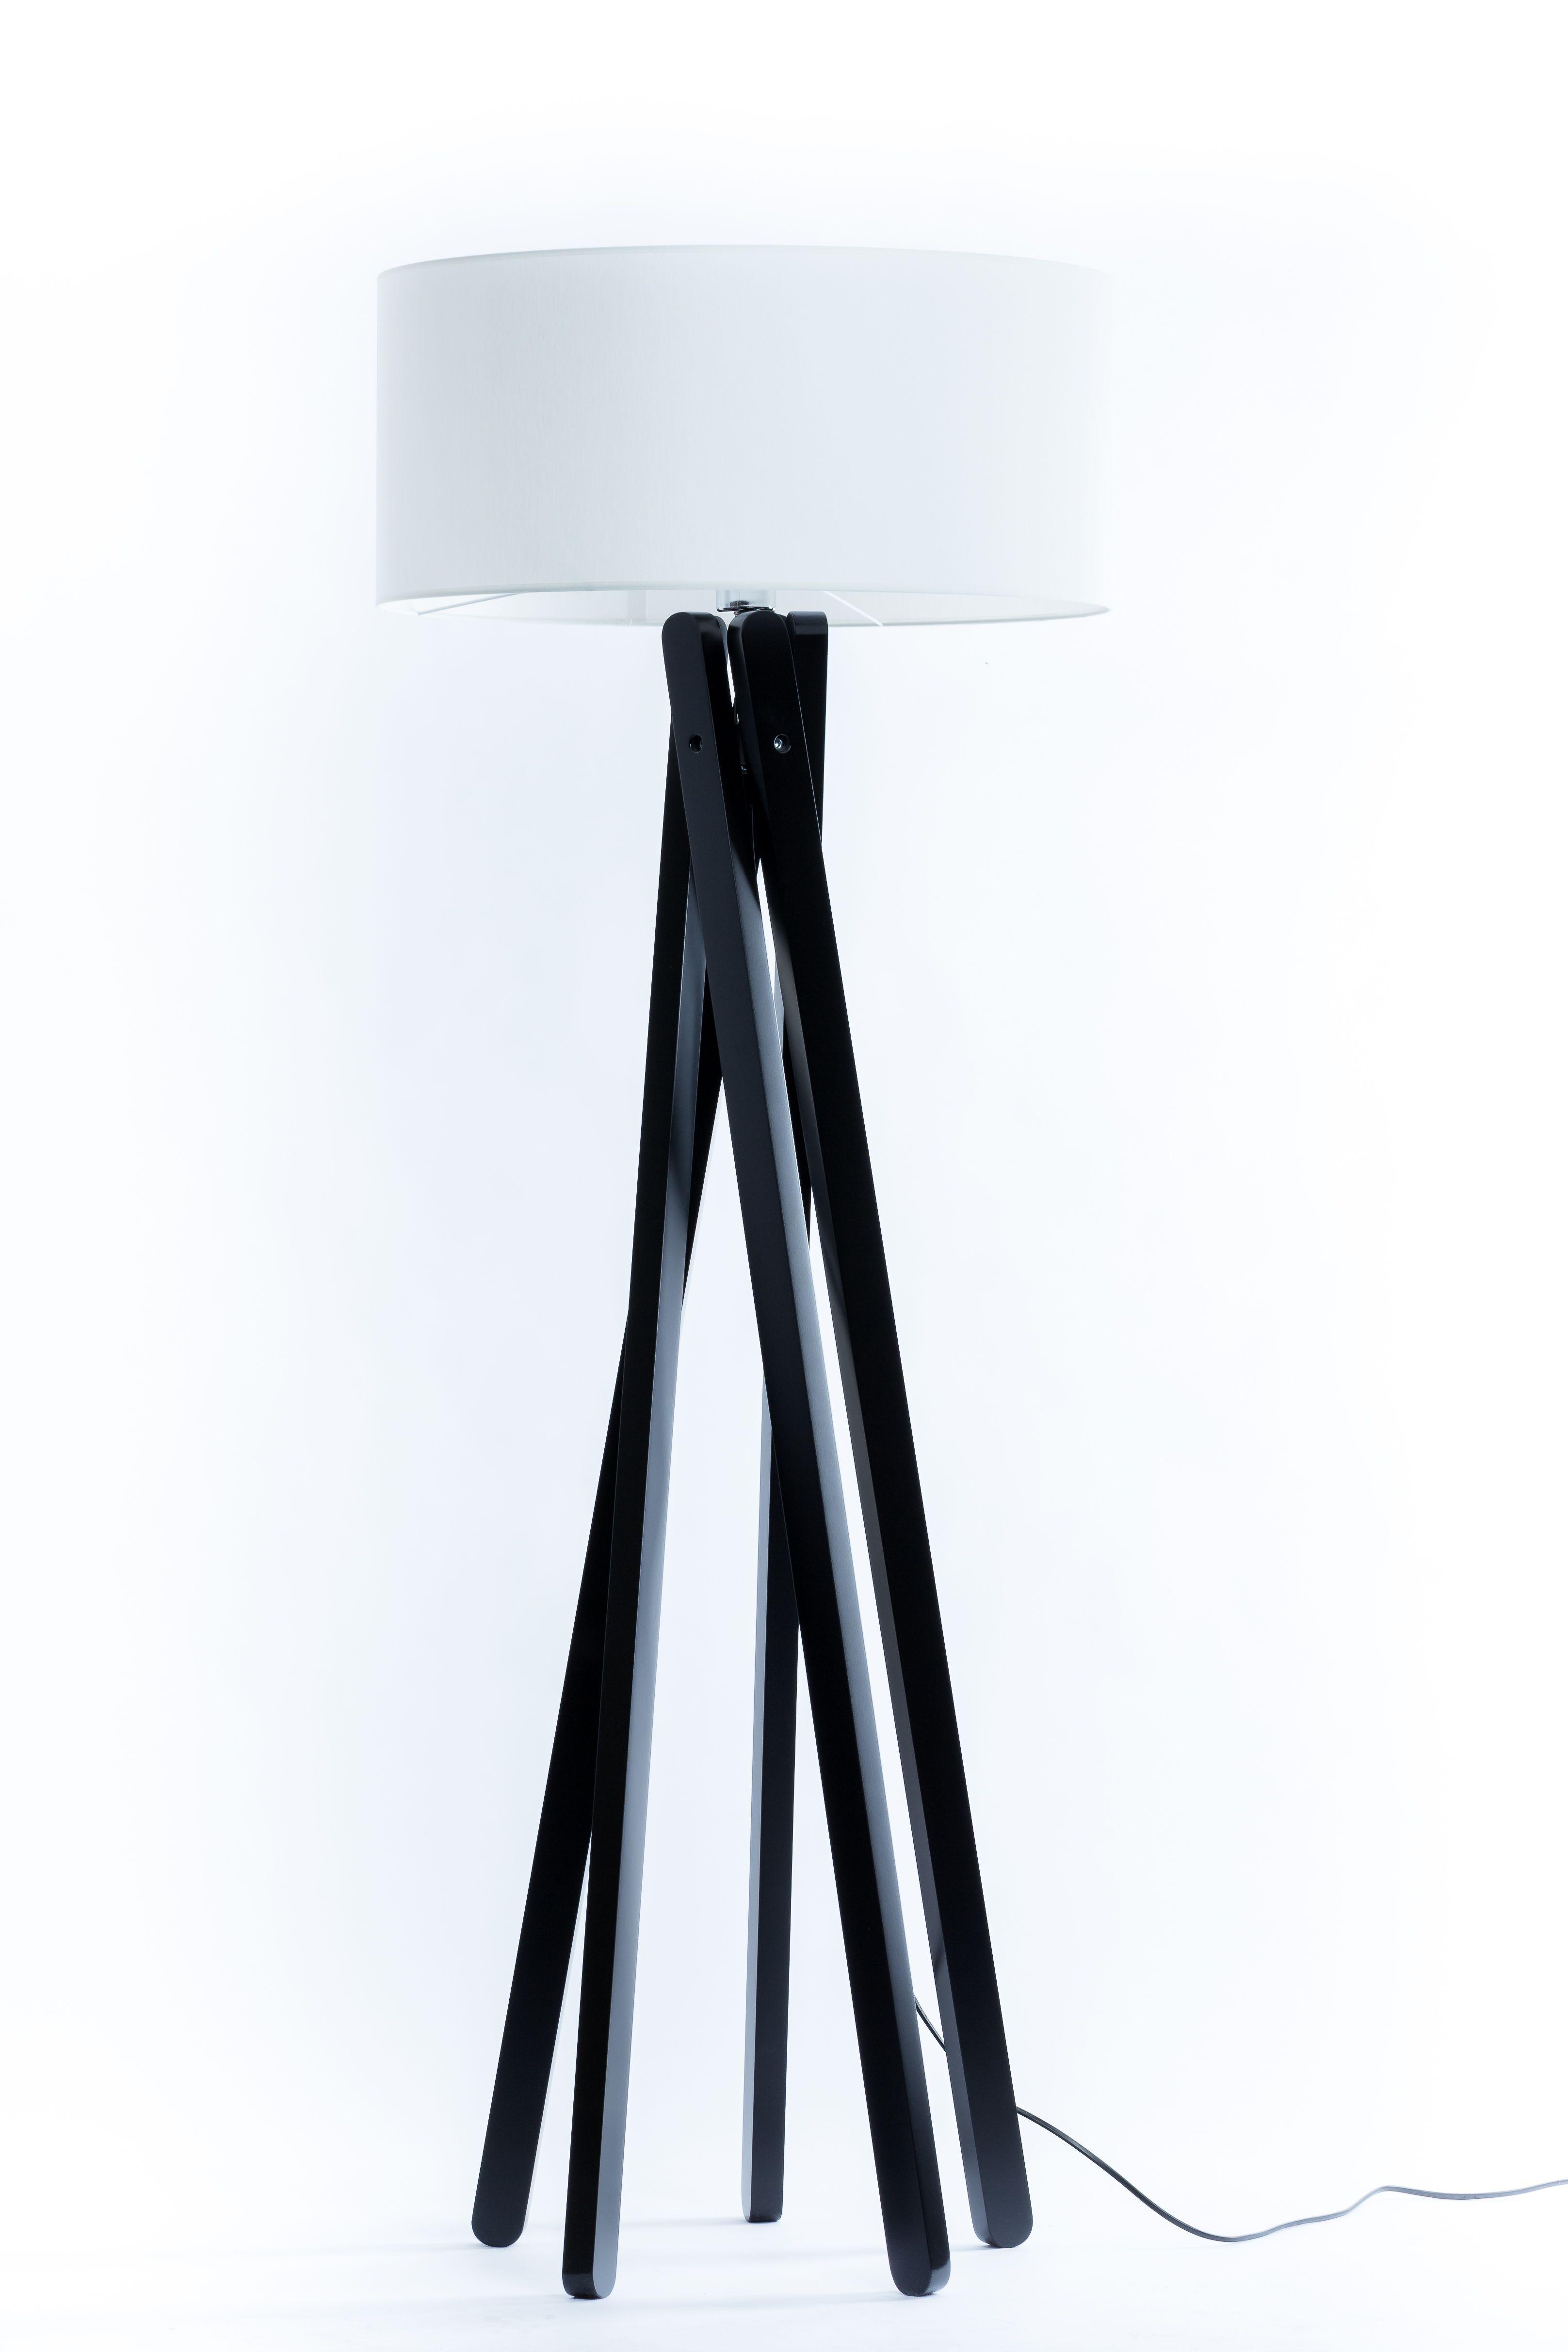 Handgefertigte Design Stativ Stehlampe Studiolampe Mit Stoffschirm Aus Chintz In Weiss Und Stativ Gestell Aus Holz Echtholz Schwarz Ex Stehlampe Lampe Design